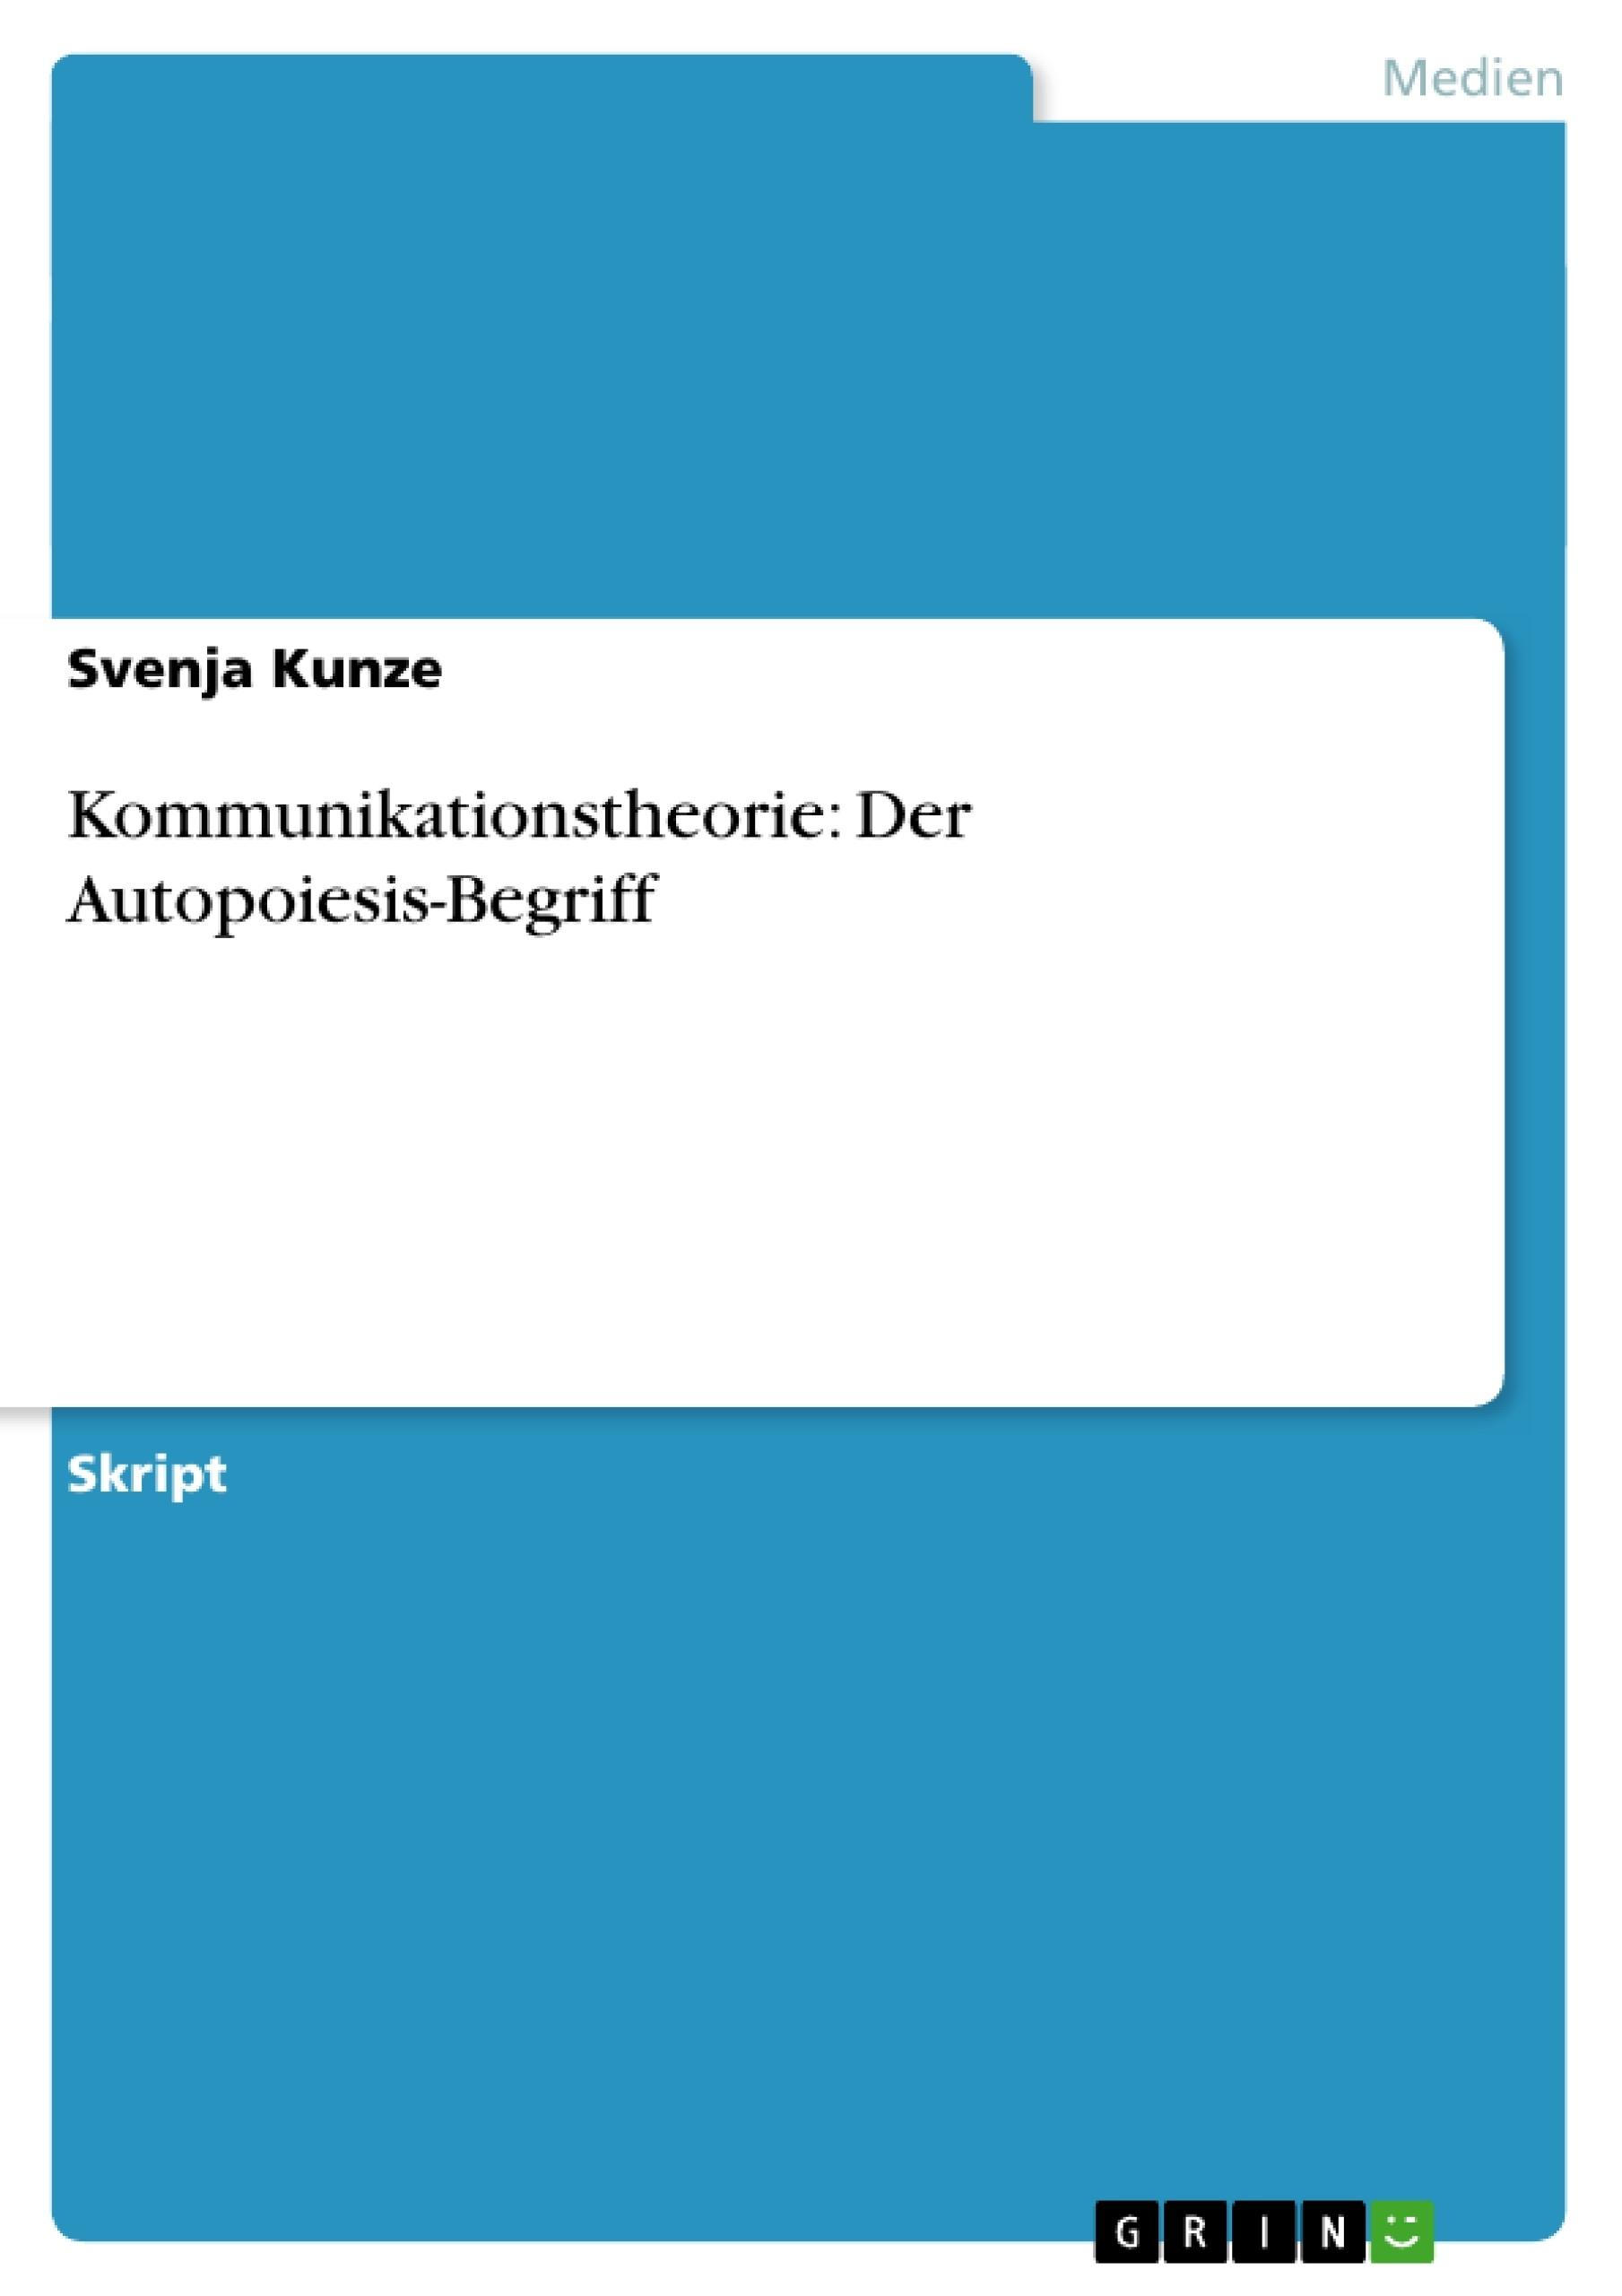 Titel: Kommunikationstheorie: Der Autopoiesis-Begriff